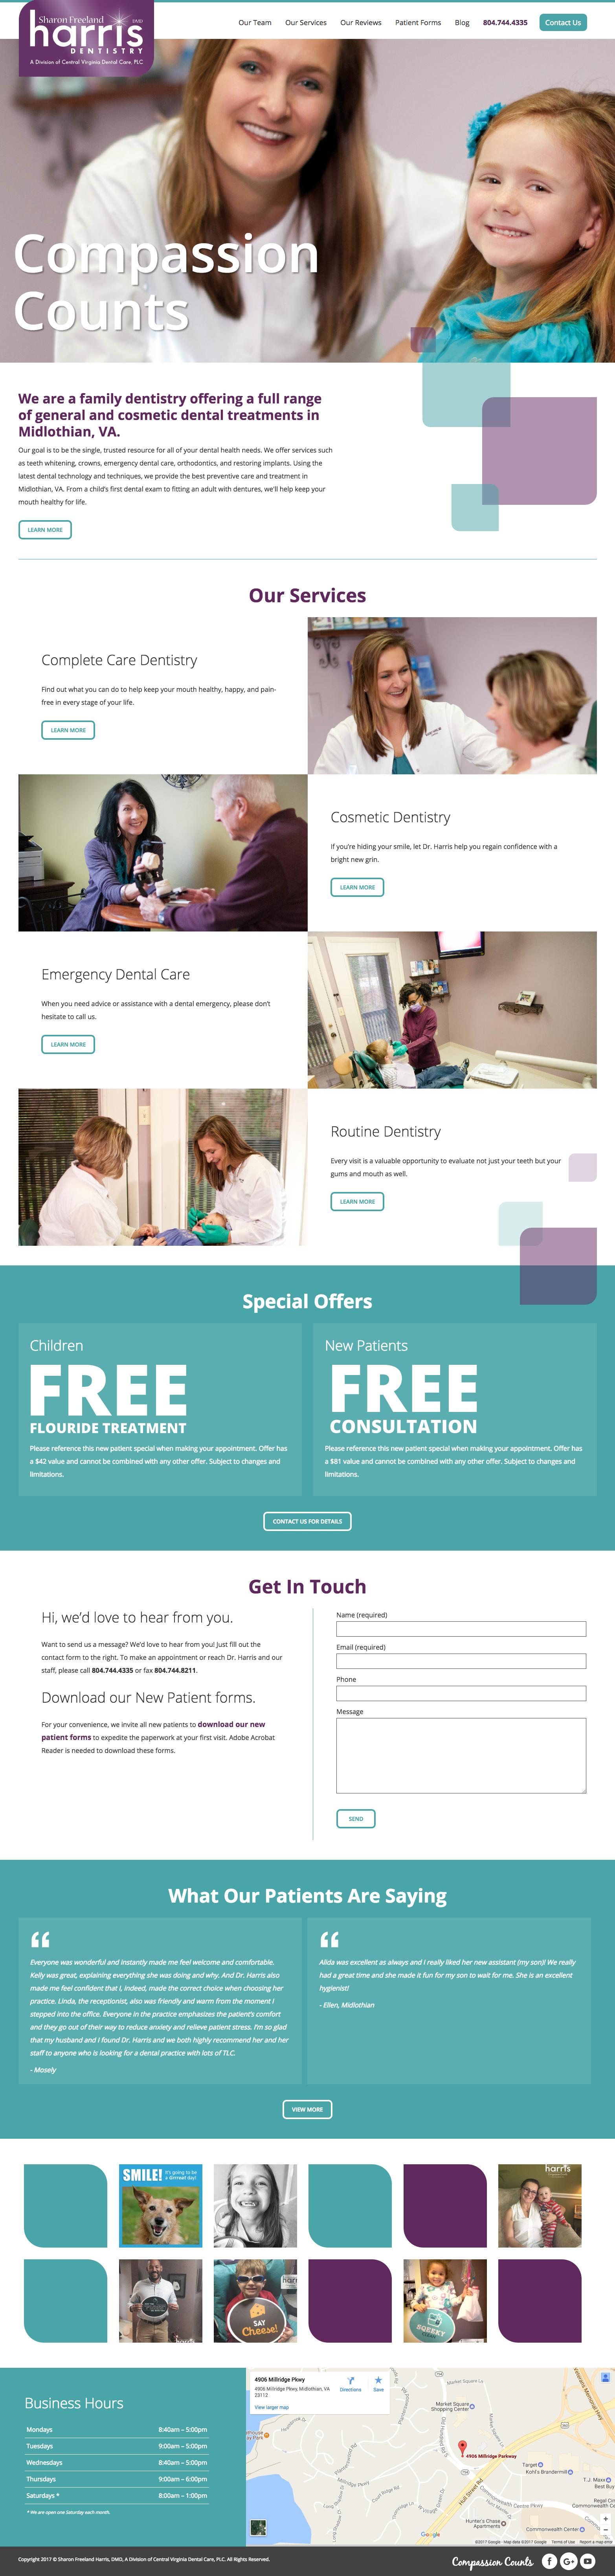 Website Design for Sharon Freeland Harris Dentistry